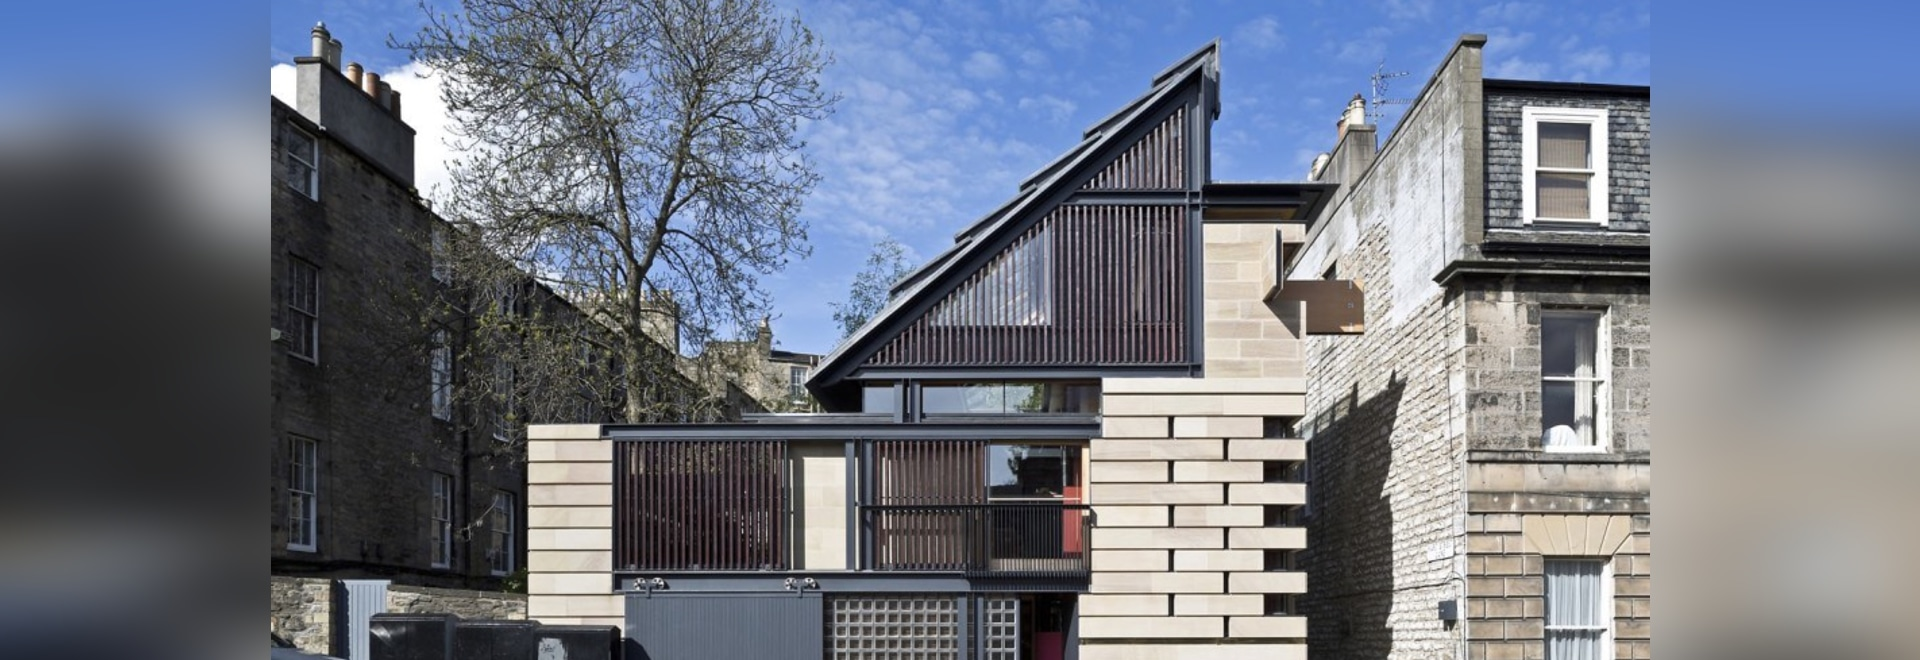 Solar-angetriebenes Murphy-Haus ist eins von Edinburgh? s am ...